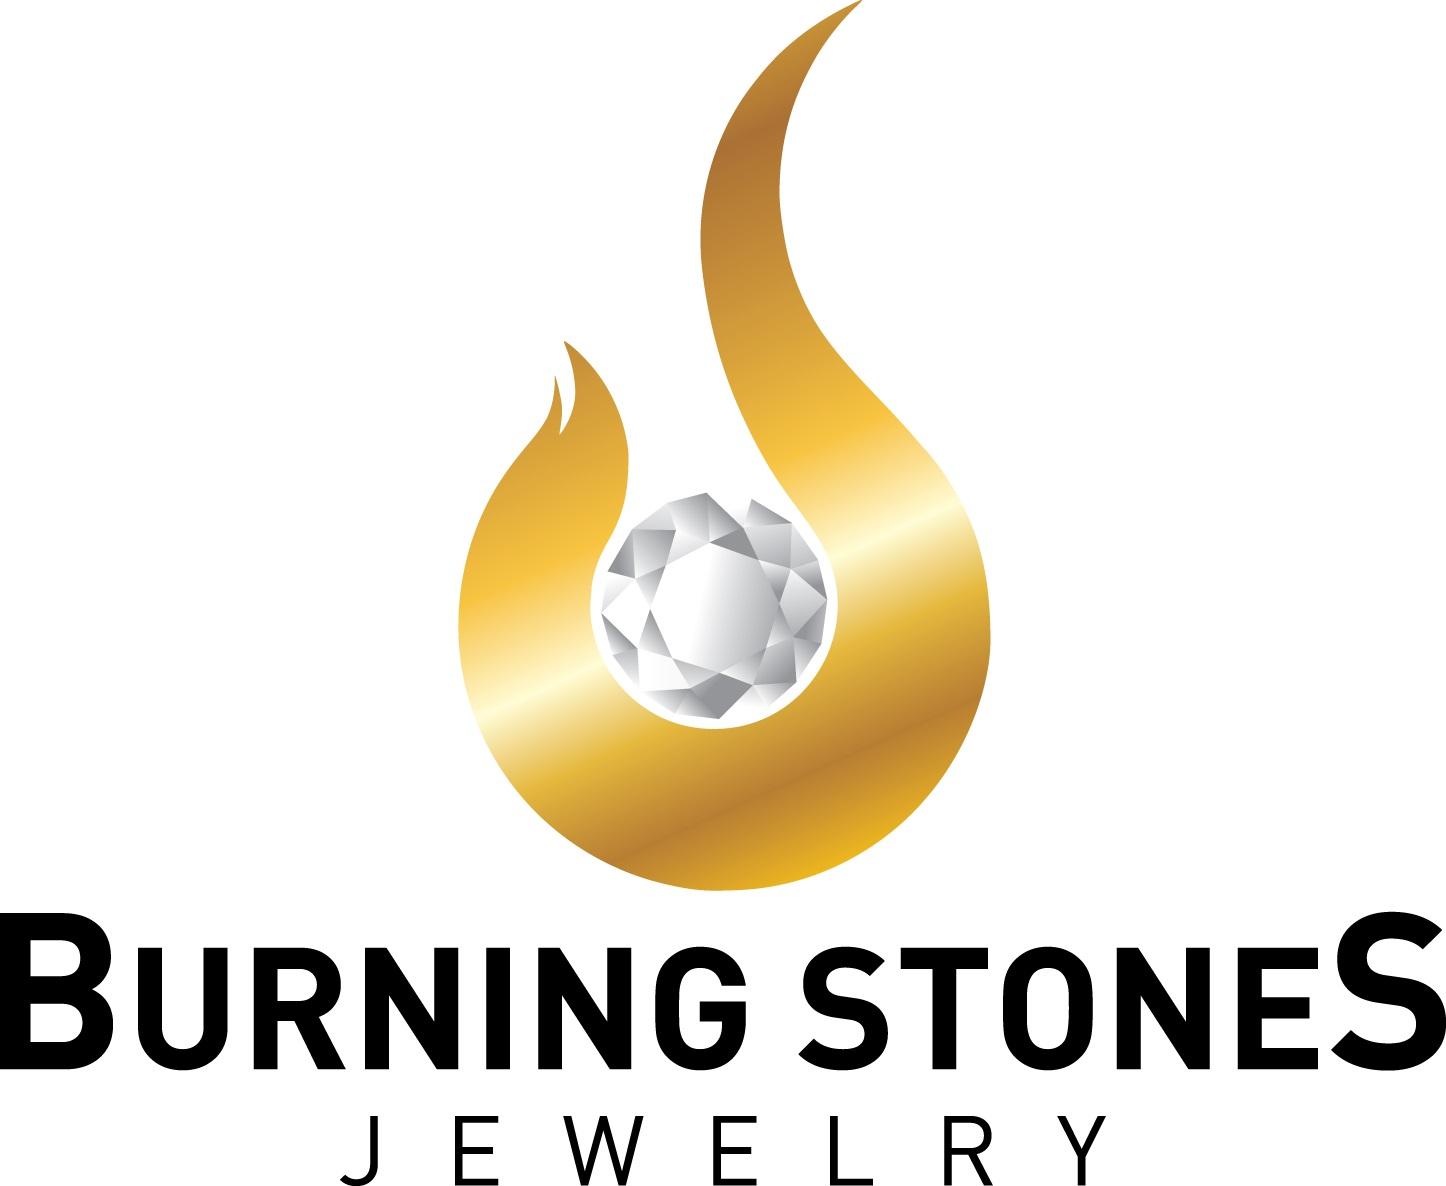 OBAKAN KUYUMCULUK GRAFİK TASARIM GIDA TEKSTİL VE İNŞAAT TİCARET LİMİTED ŞİRKETİ, Burning Stones Jewellery